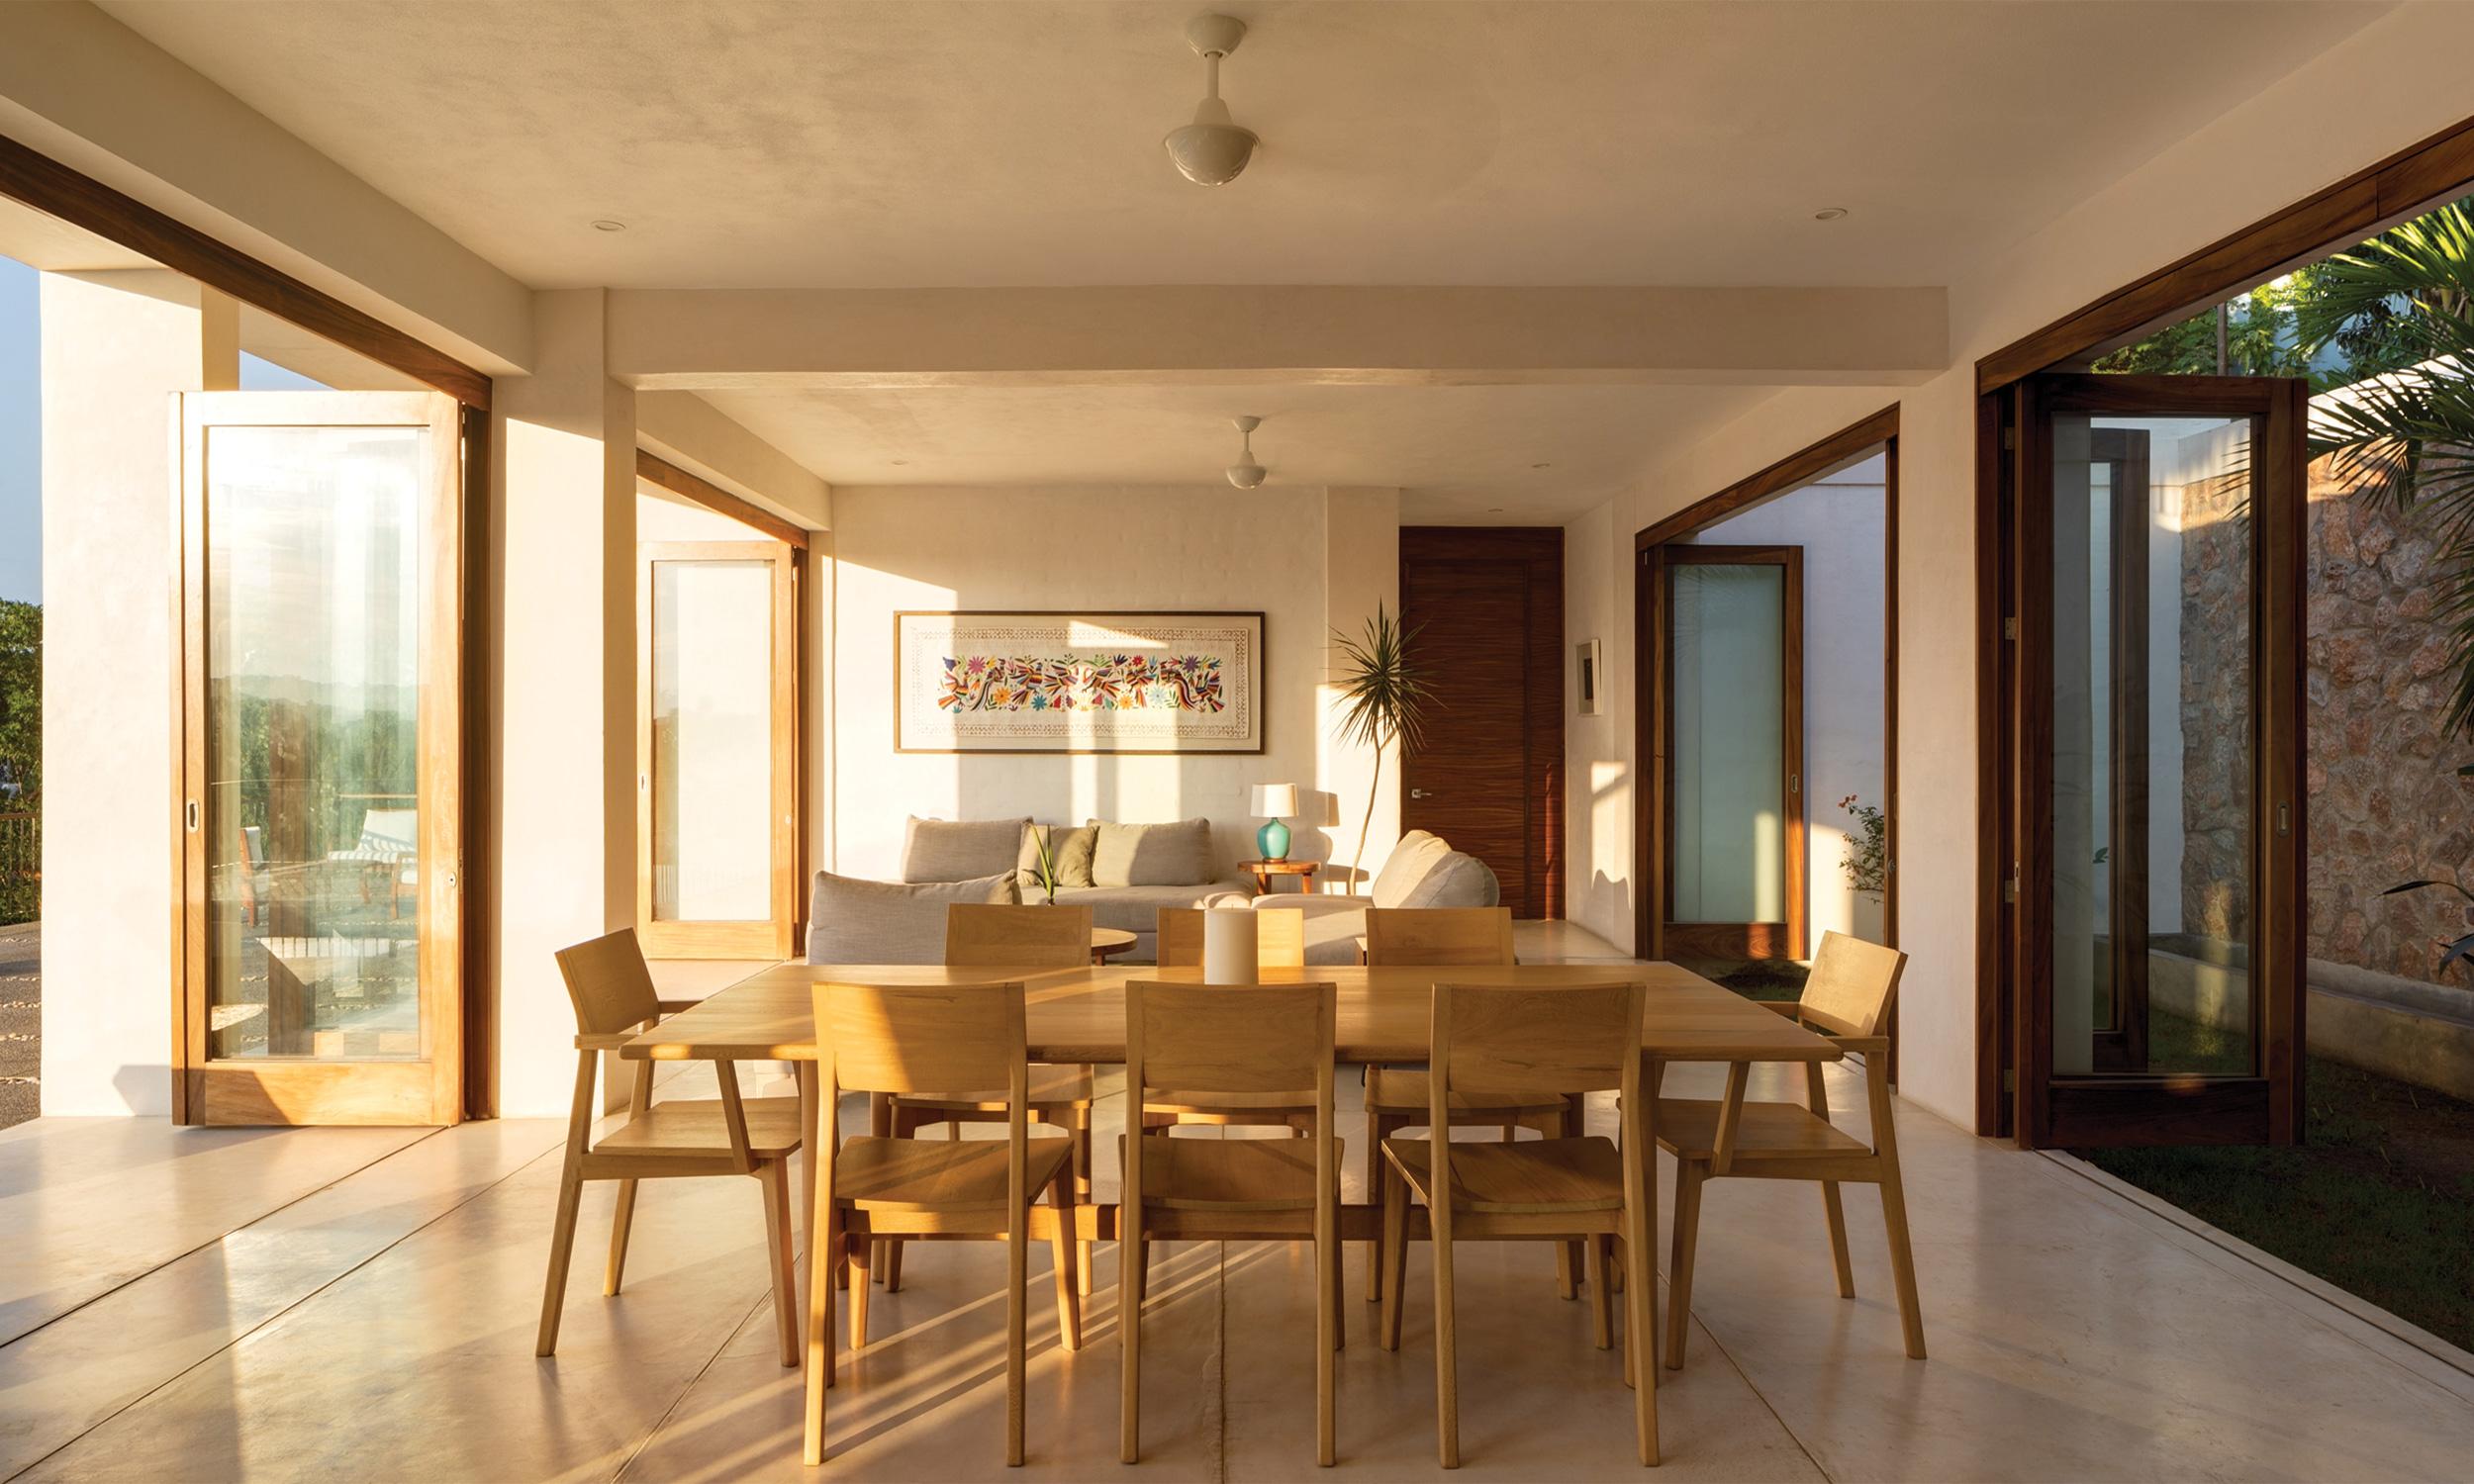 main_office_casa_reavis_rafaél_gamo_0465_interior